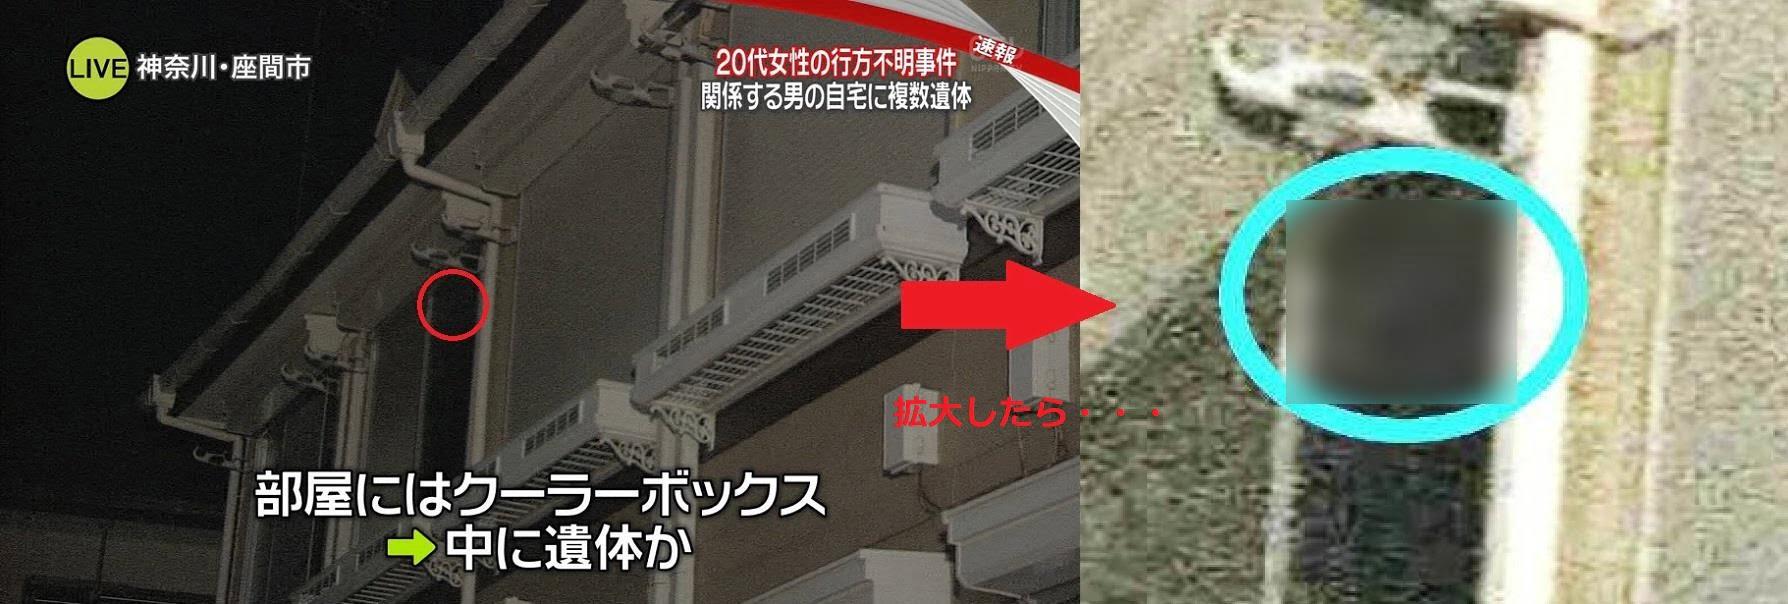 座間市アパート複数遺体事件の報道で幽霊が映ったと話題に「窓に顔が写ってる」